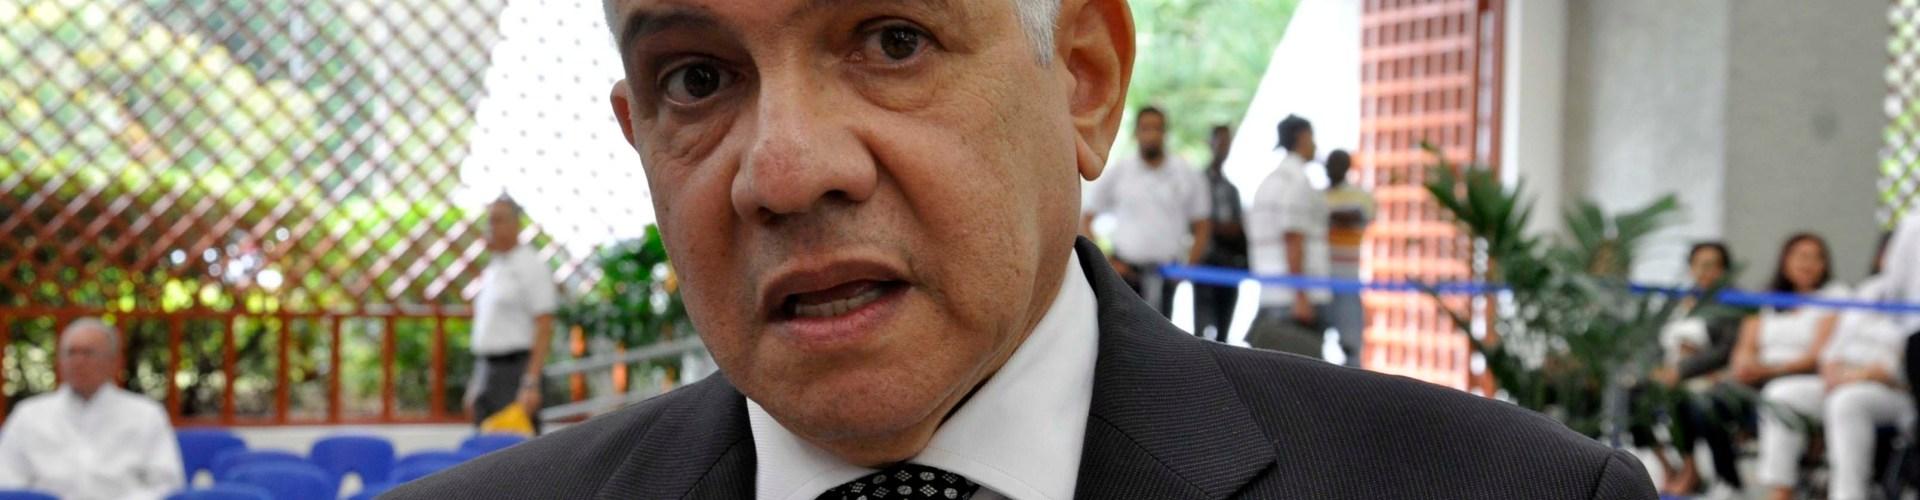 Esperan Medina hable de corrupción e impunidad